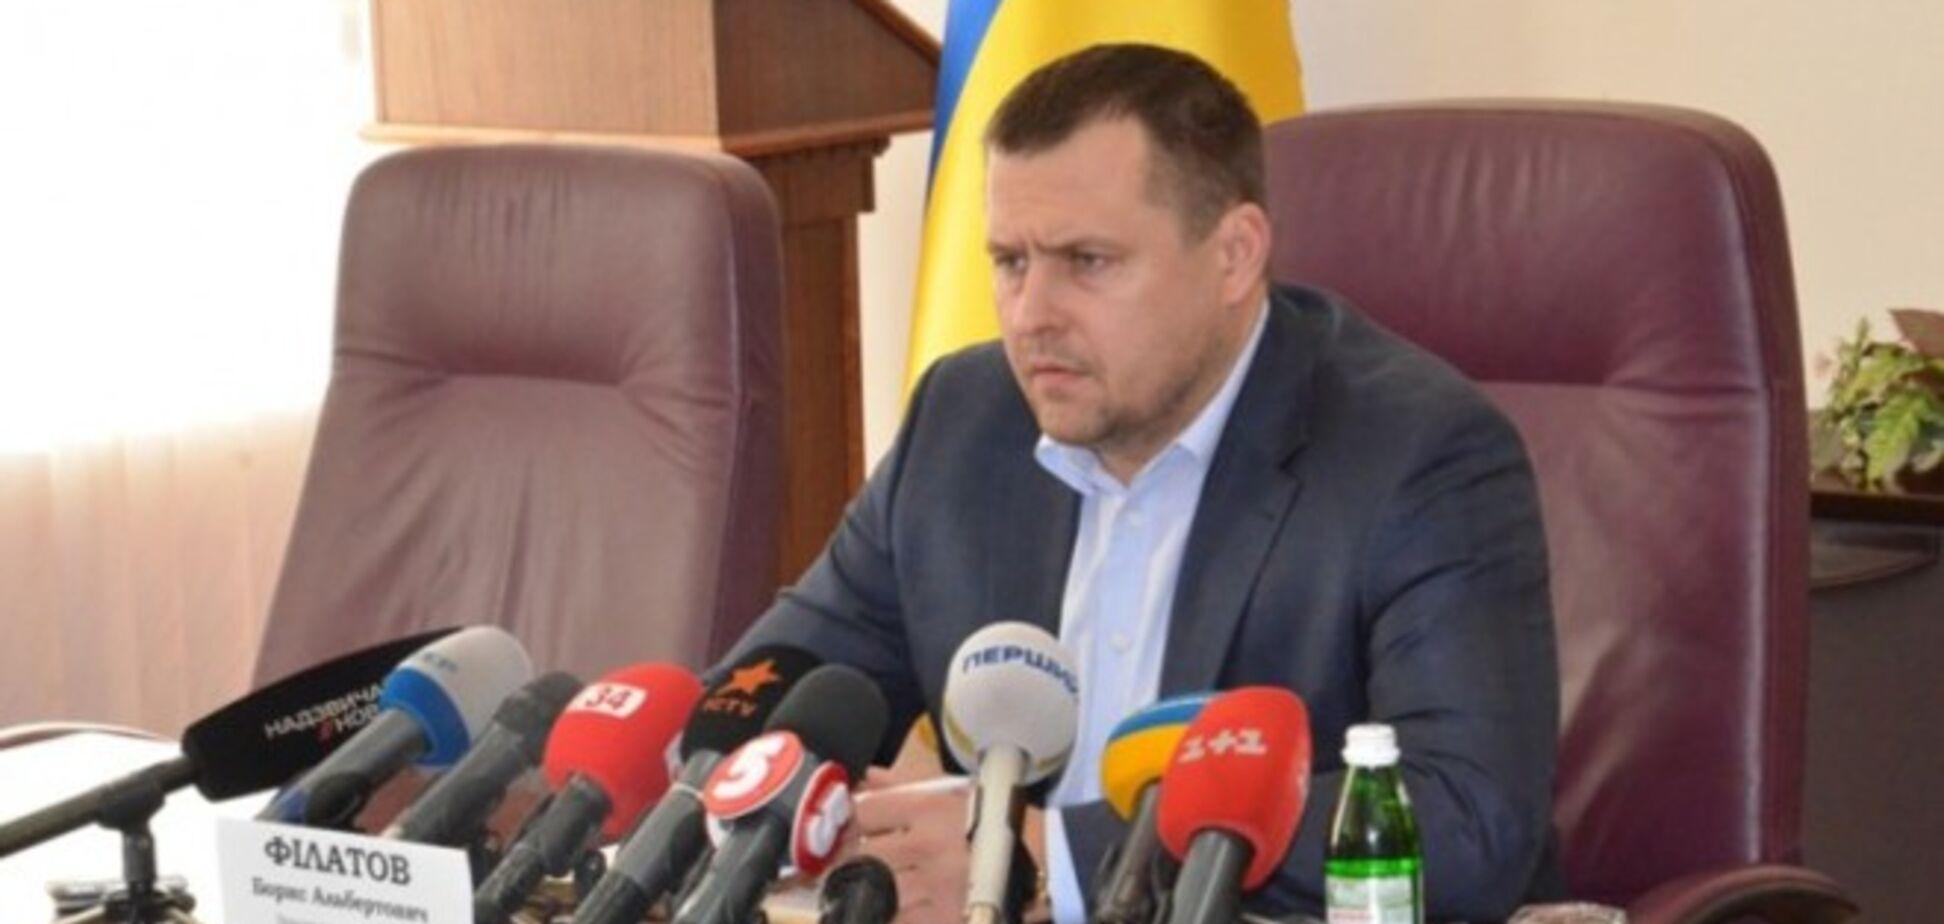 Заступник Дніпропетровського губернатора заявив про вихід з фракції Порошенко, пробувши в ній всього 5 годин